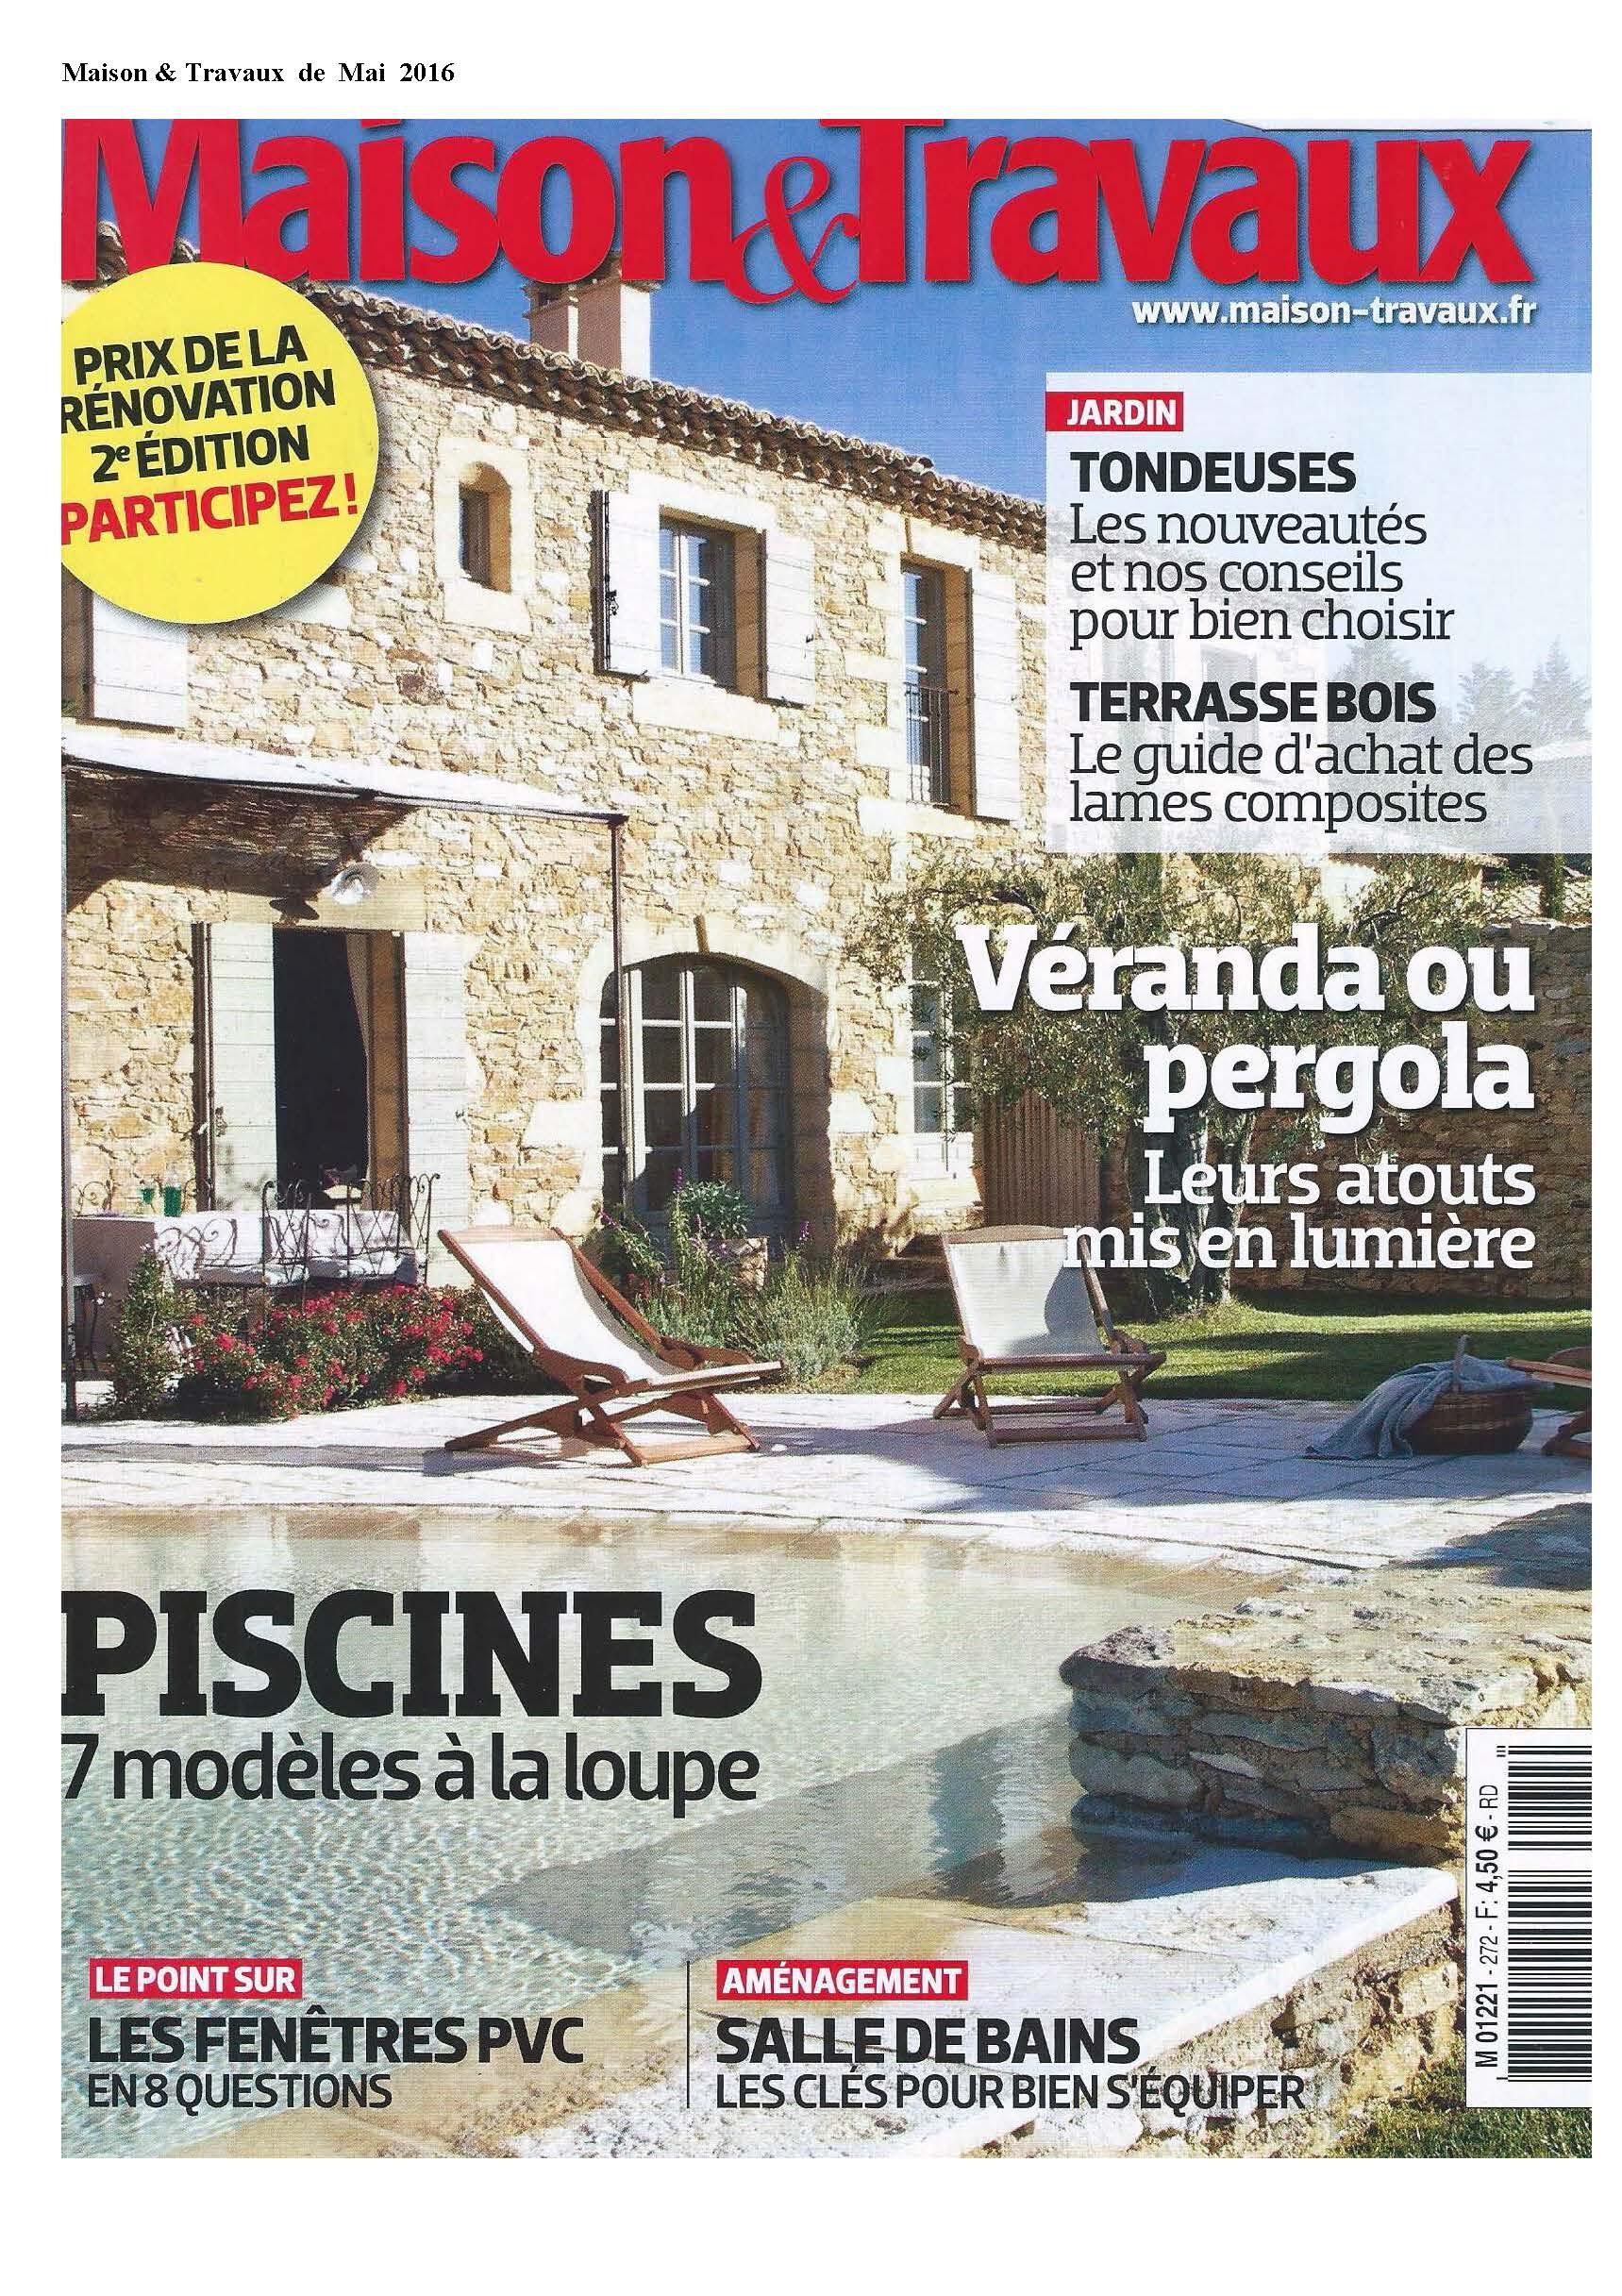 Maison & Travaux Mei 2016